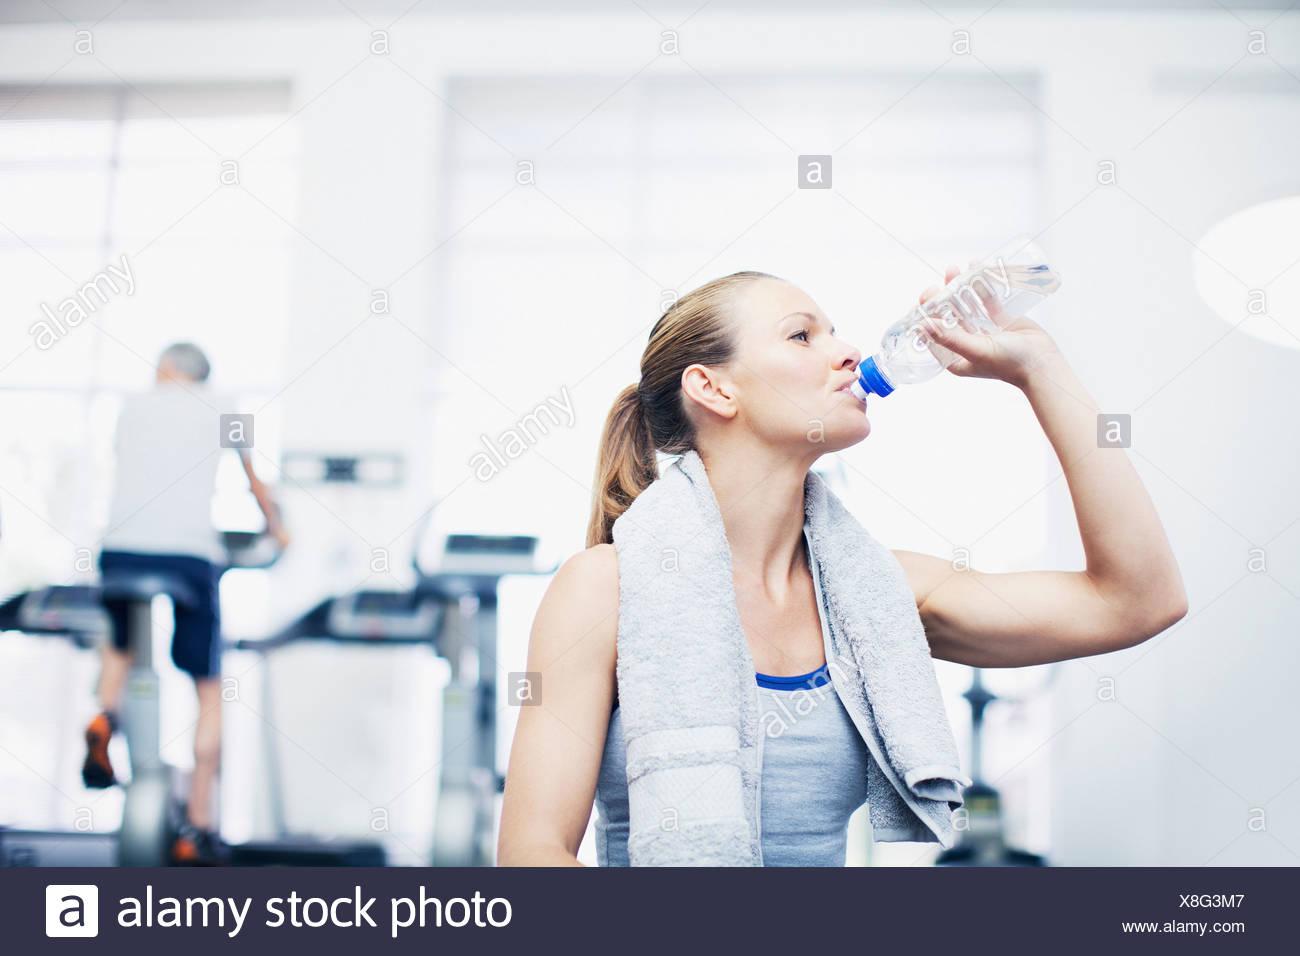 Femme avec une serviette autour du cou de l'eau potable dans un gymnase Photo Stock